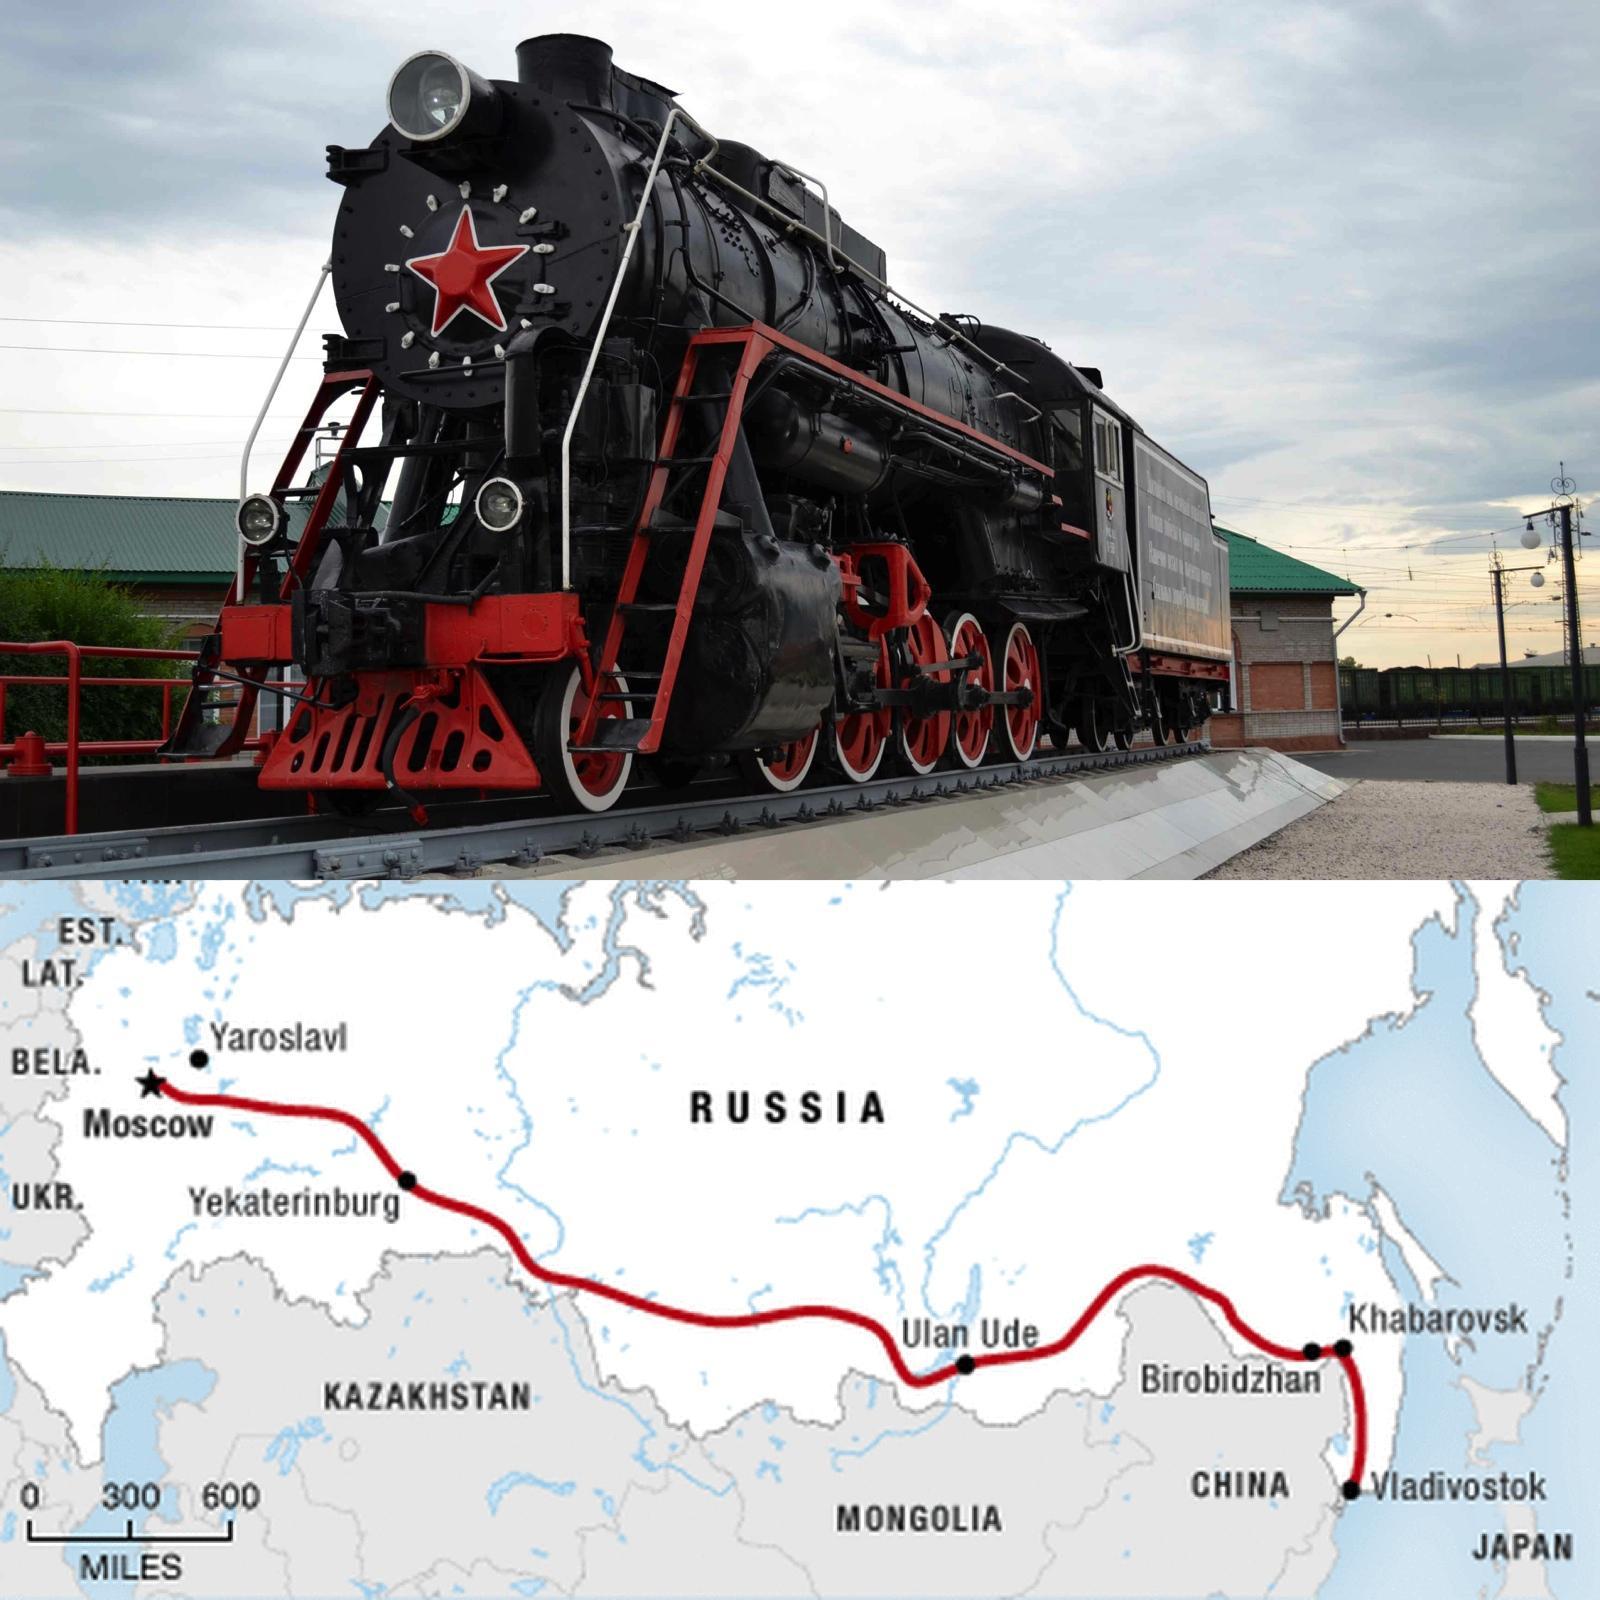 Nostalji Severlerin Kaçırmak İstemeyeceği 13 Demiryolu Hattı 36